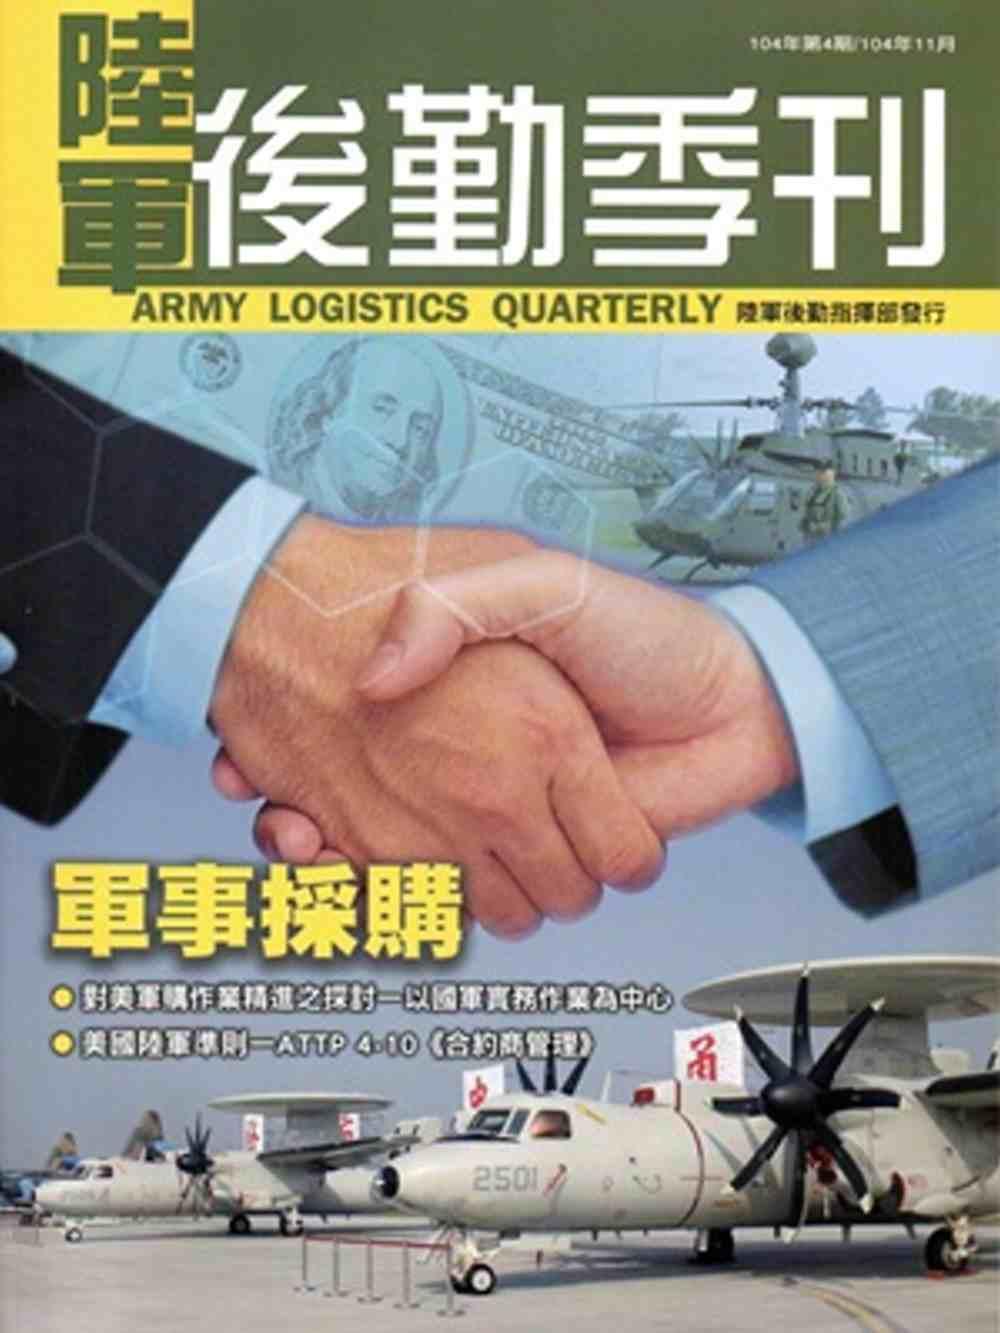 陸軍後勤季刊104年第04期^(104 11^)